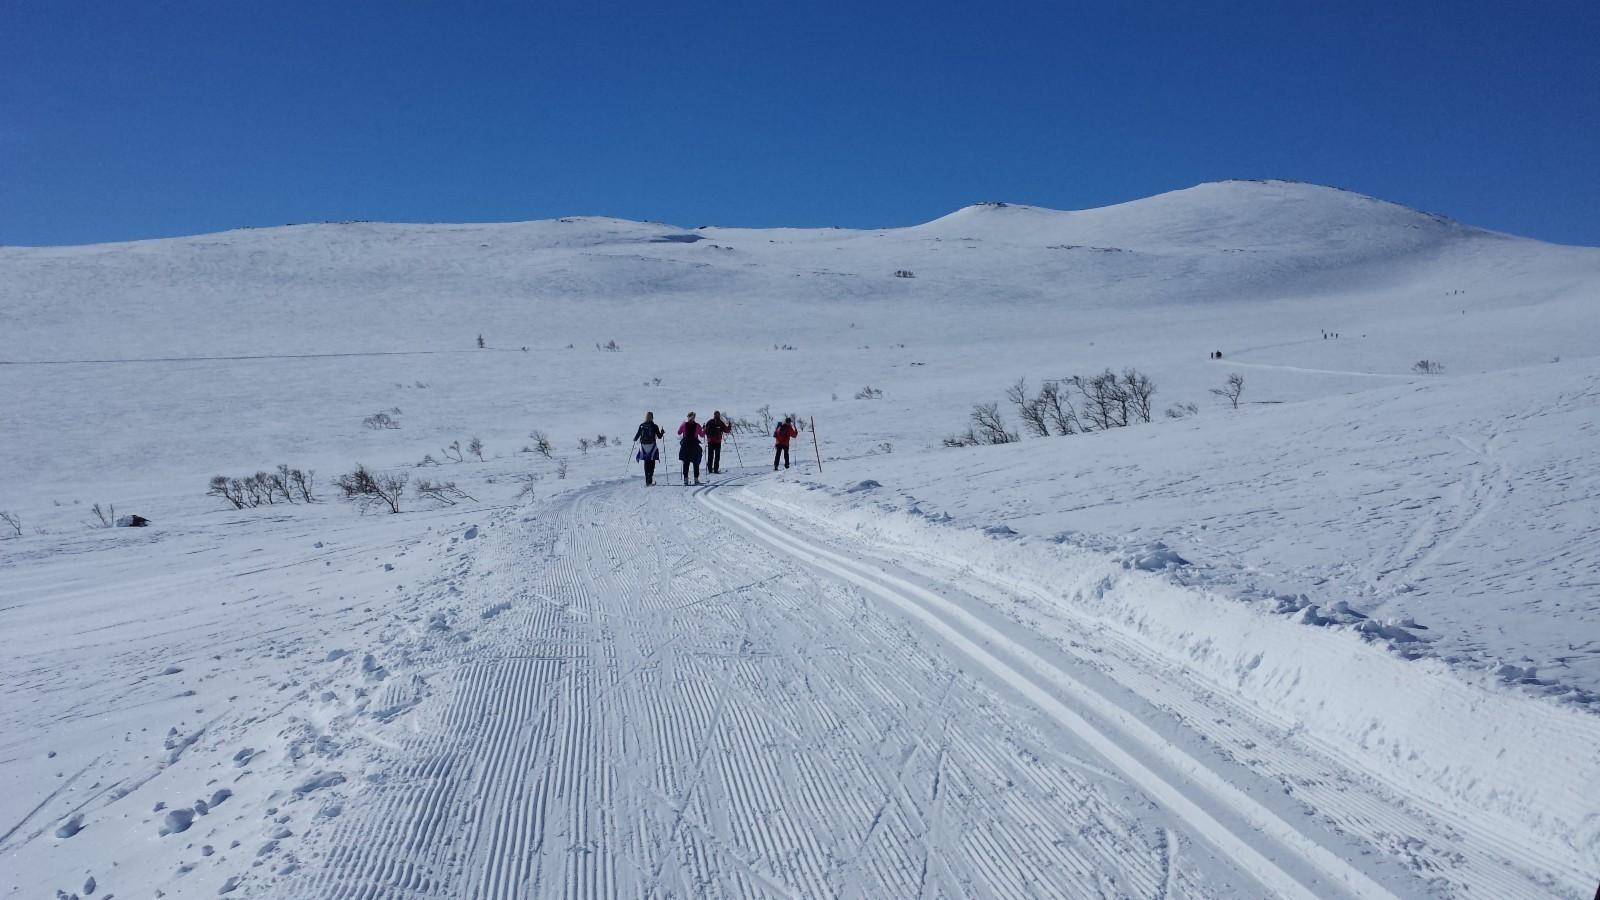 Tomtene har en fantastisk beliggenhet - Kun 150 meter ski kjøring rett ned i det oppkjørte løypenettet rundt Hovden.   - Utsikten er fin, og de oppkjørte skiløypene går rett forbi feltet.